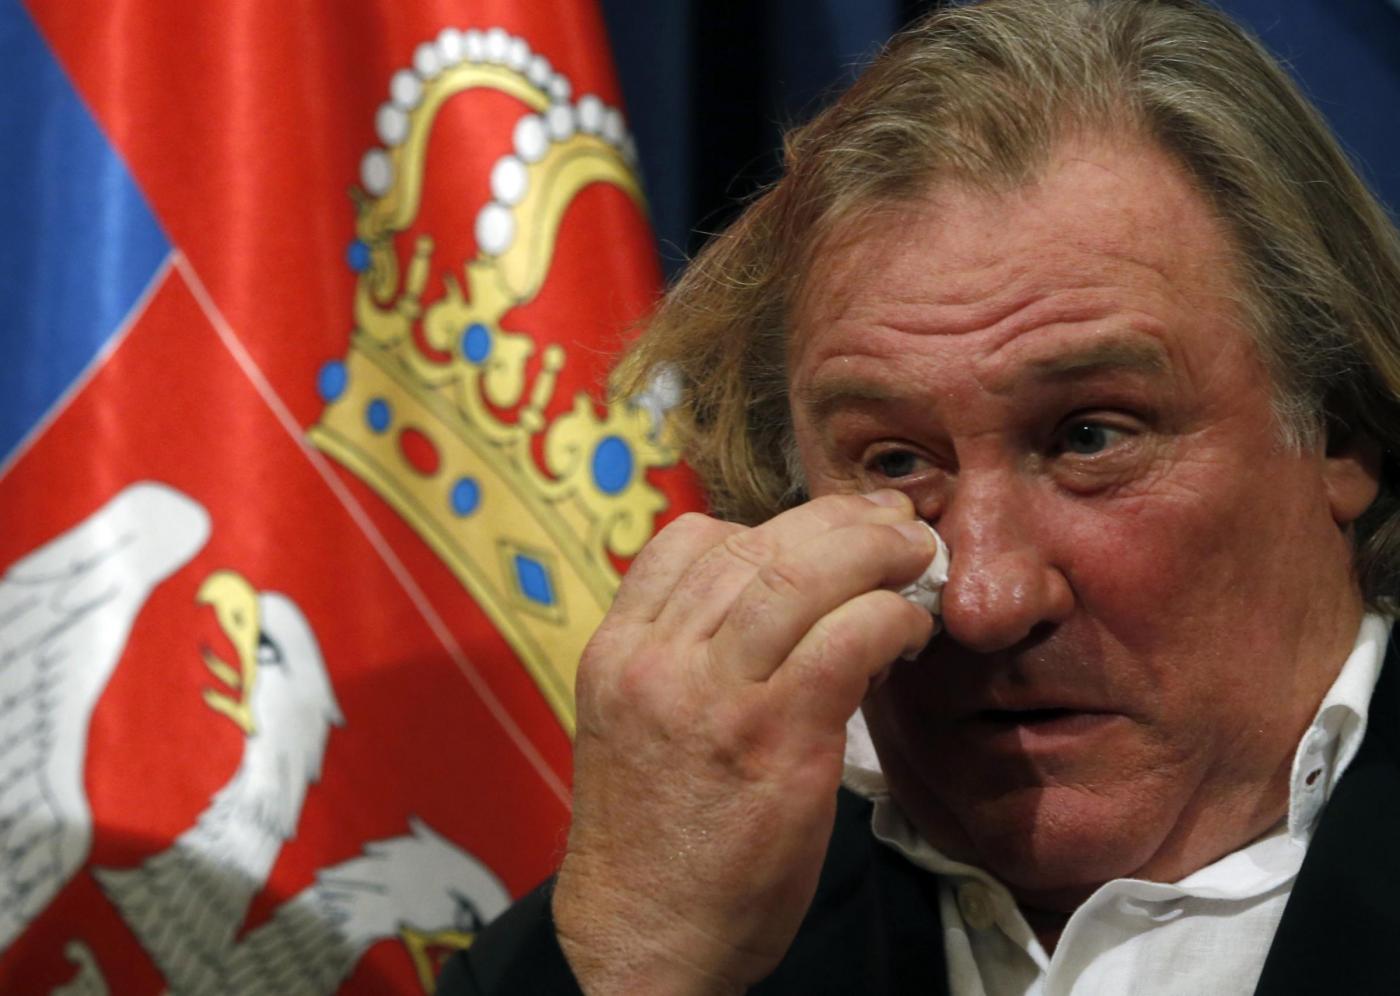 Gerard Depardieu, confessioni choc: 'Da giovane mi sono prostituito'